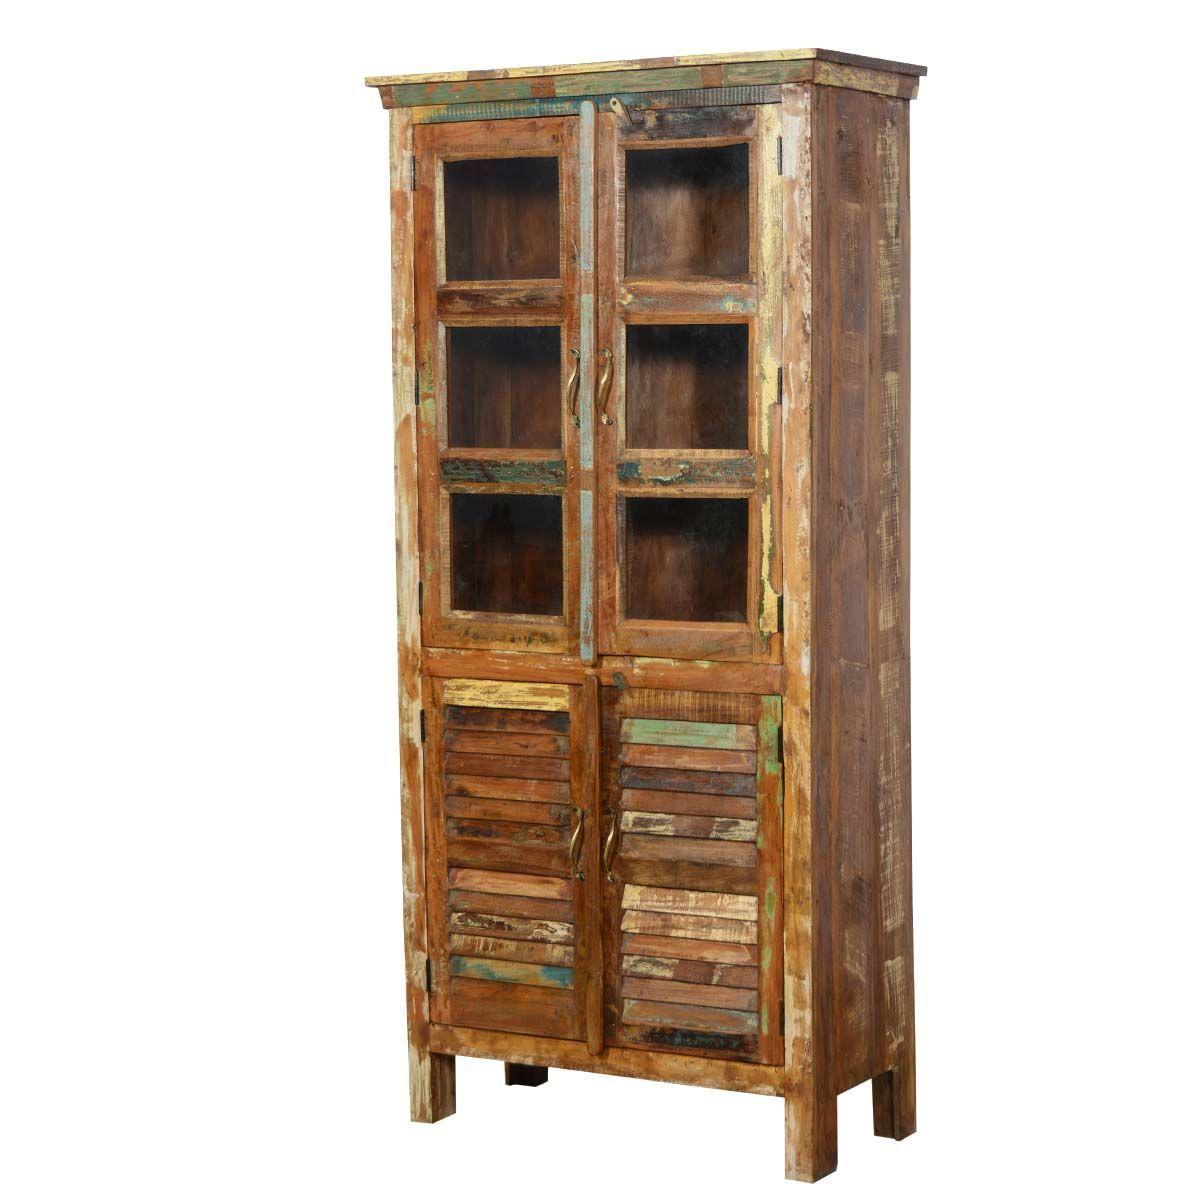 Reclaimed Wood Rustic Bedroom Armoire Wardrobe #BedroomArmoireWardrobe  #BedroomArmoires